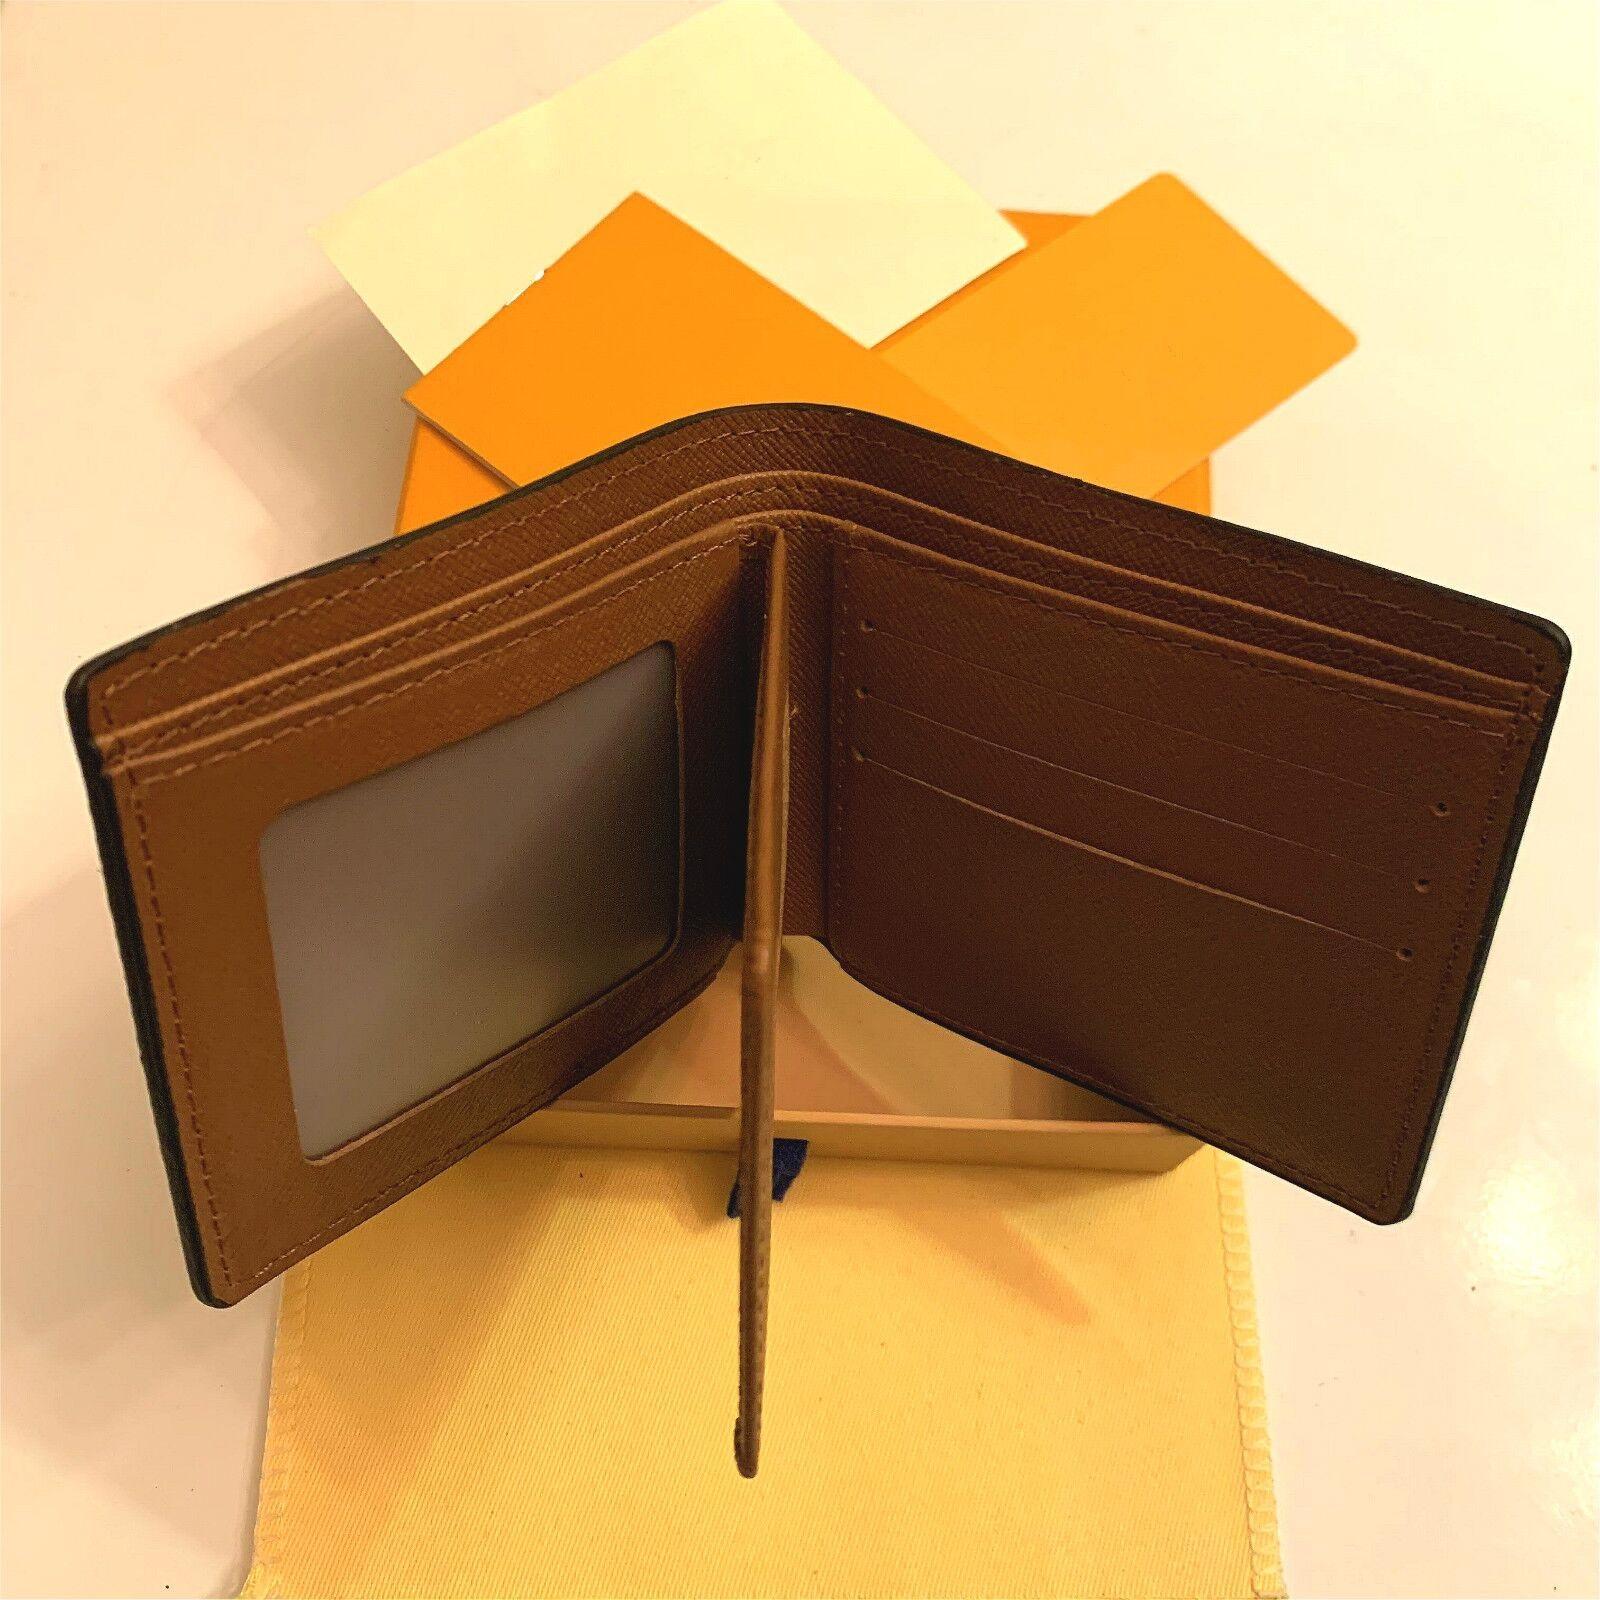 2021 Neue Hohe Qualität L Billfold Brieftasche Paris Plaid Style Designer Herren Geldbörse Frauen Geldbörse High-End S Luxus Brieftasche Handtasche mit Kasten